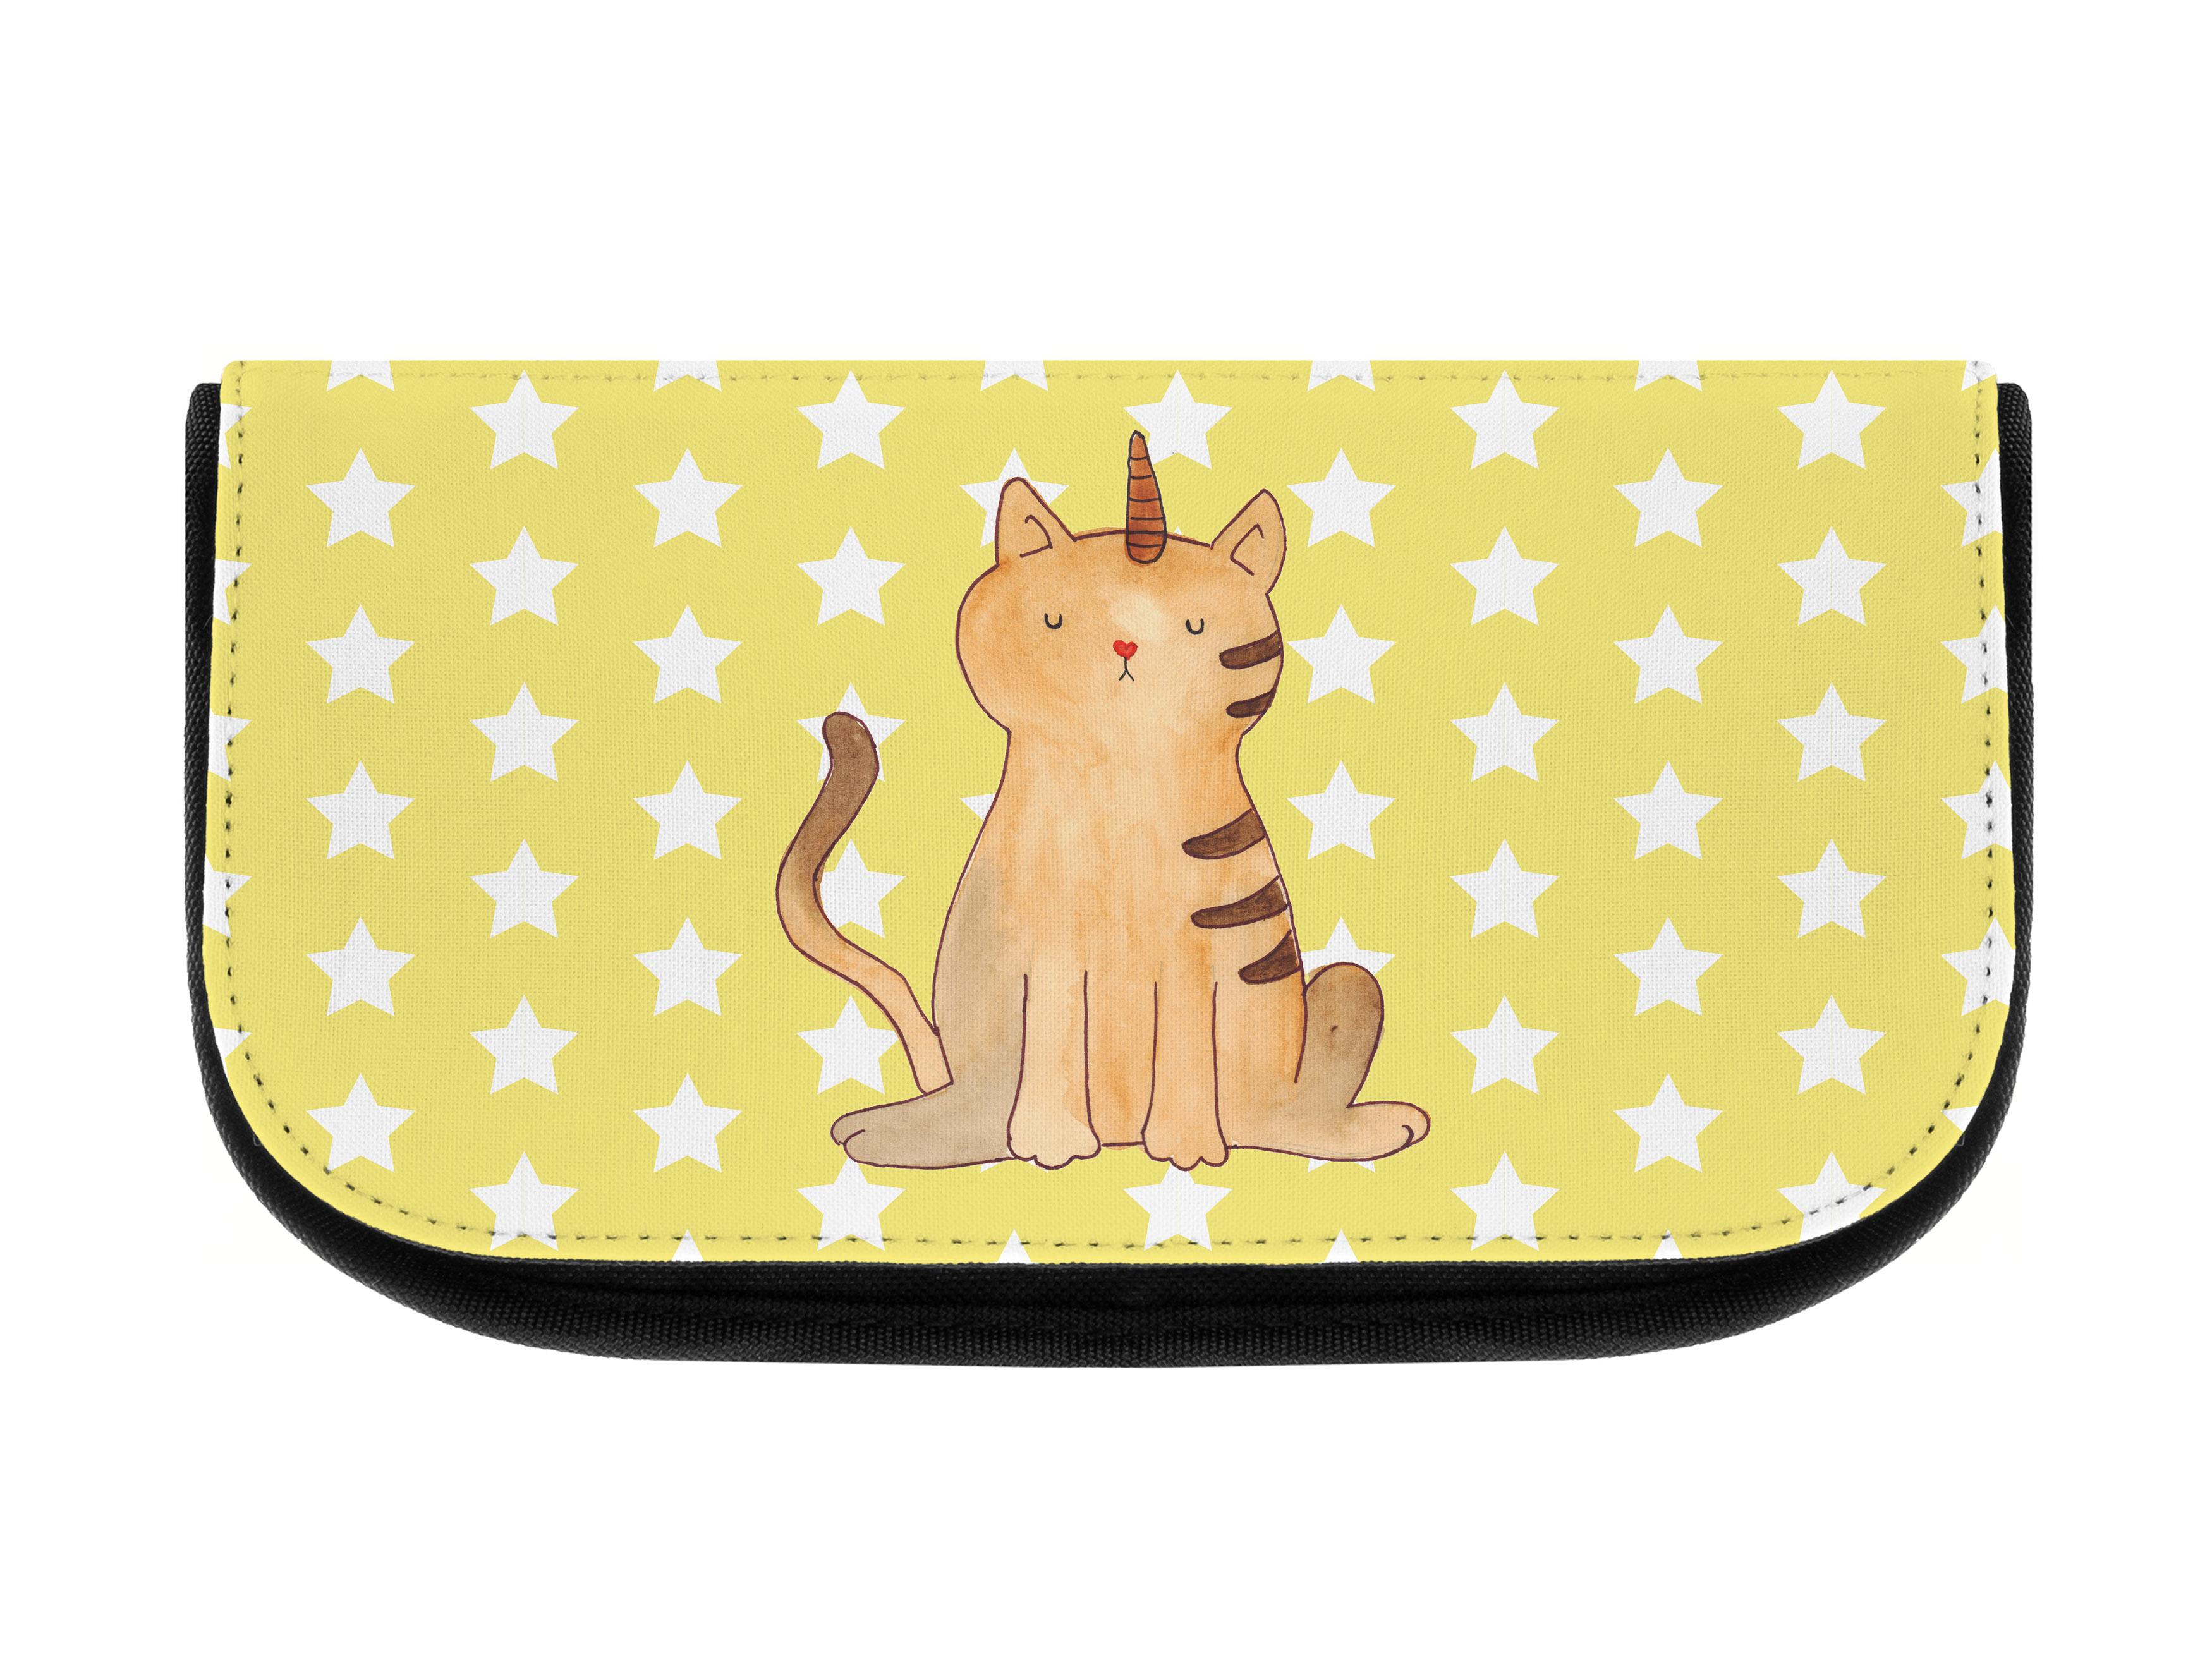 Kosmetiktasche Einhorn Katze aus Kunstfaser